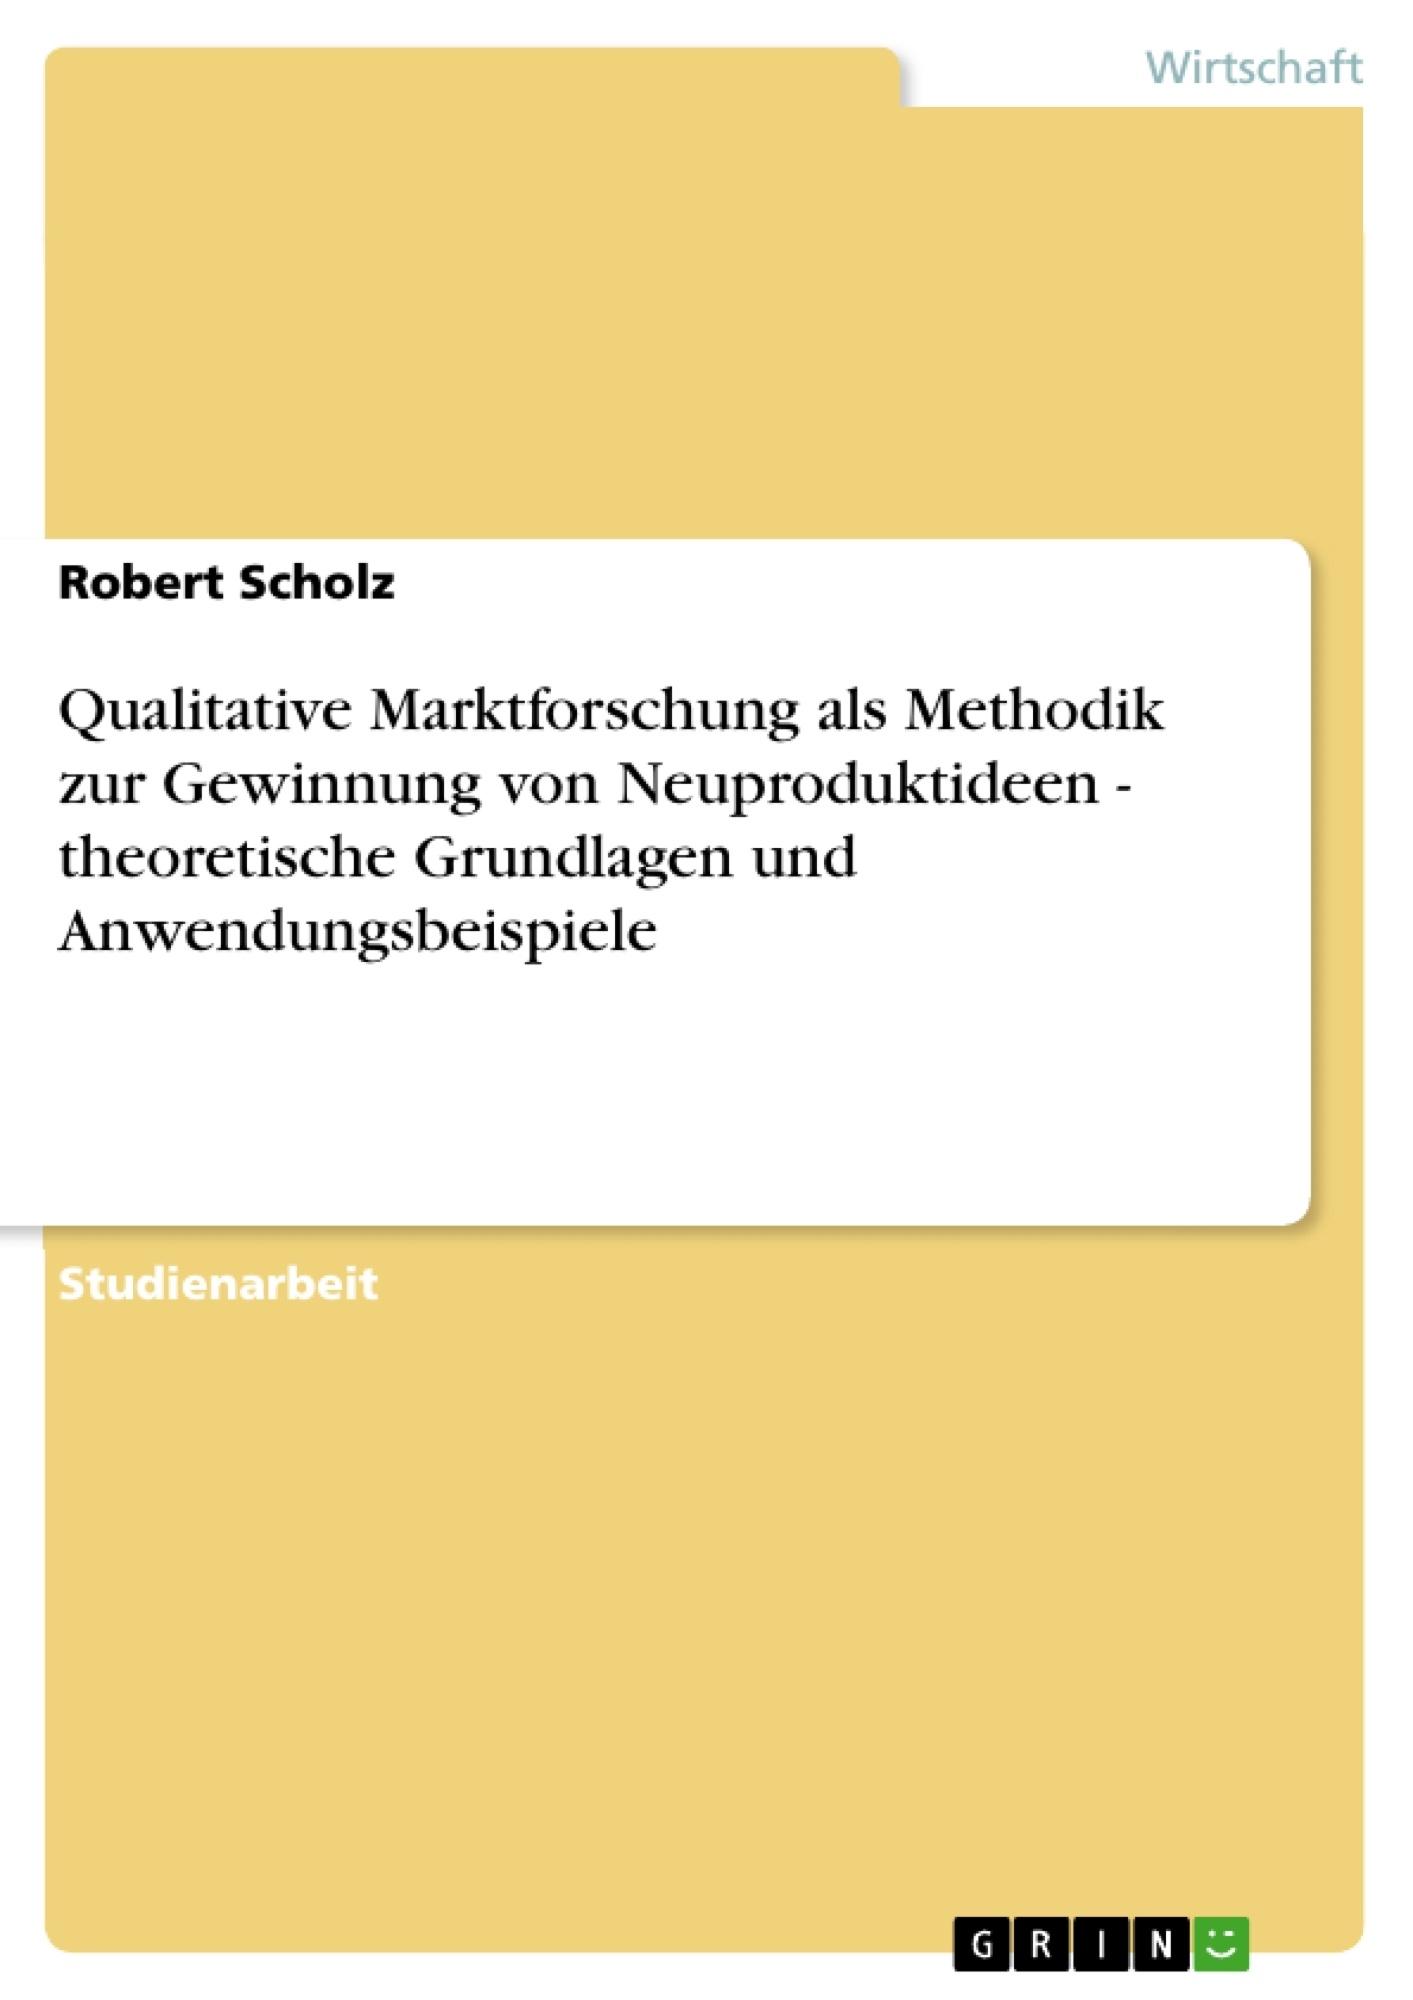 Titel: Qualitative Marktforschung als Methodik zur Gewinnung von Neuproduktideen - theoretische Grundlagen und Anwendungsbeispiele